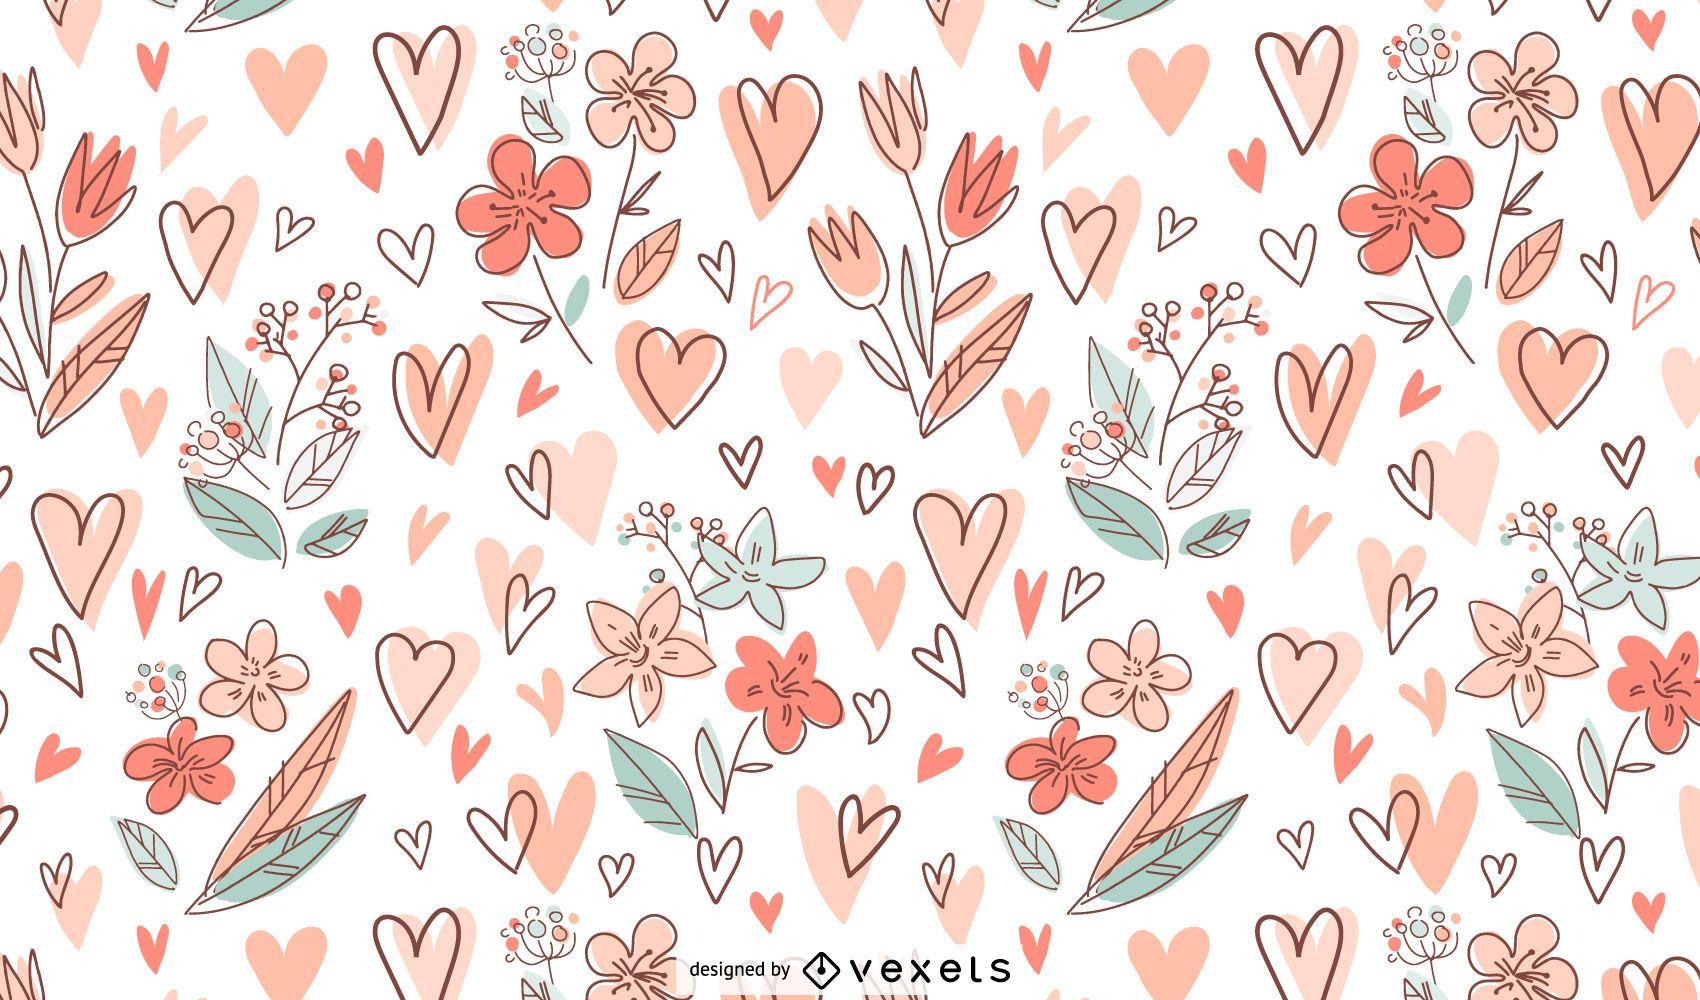 Diseño de patrón de flores y corazones